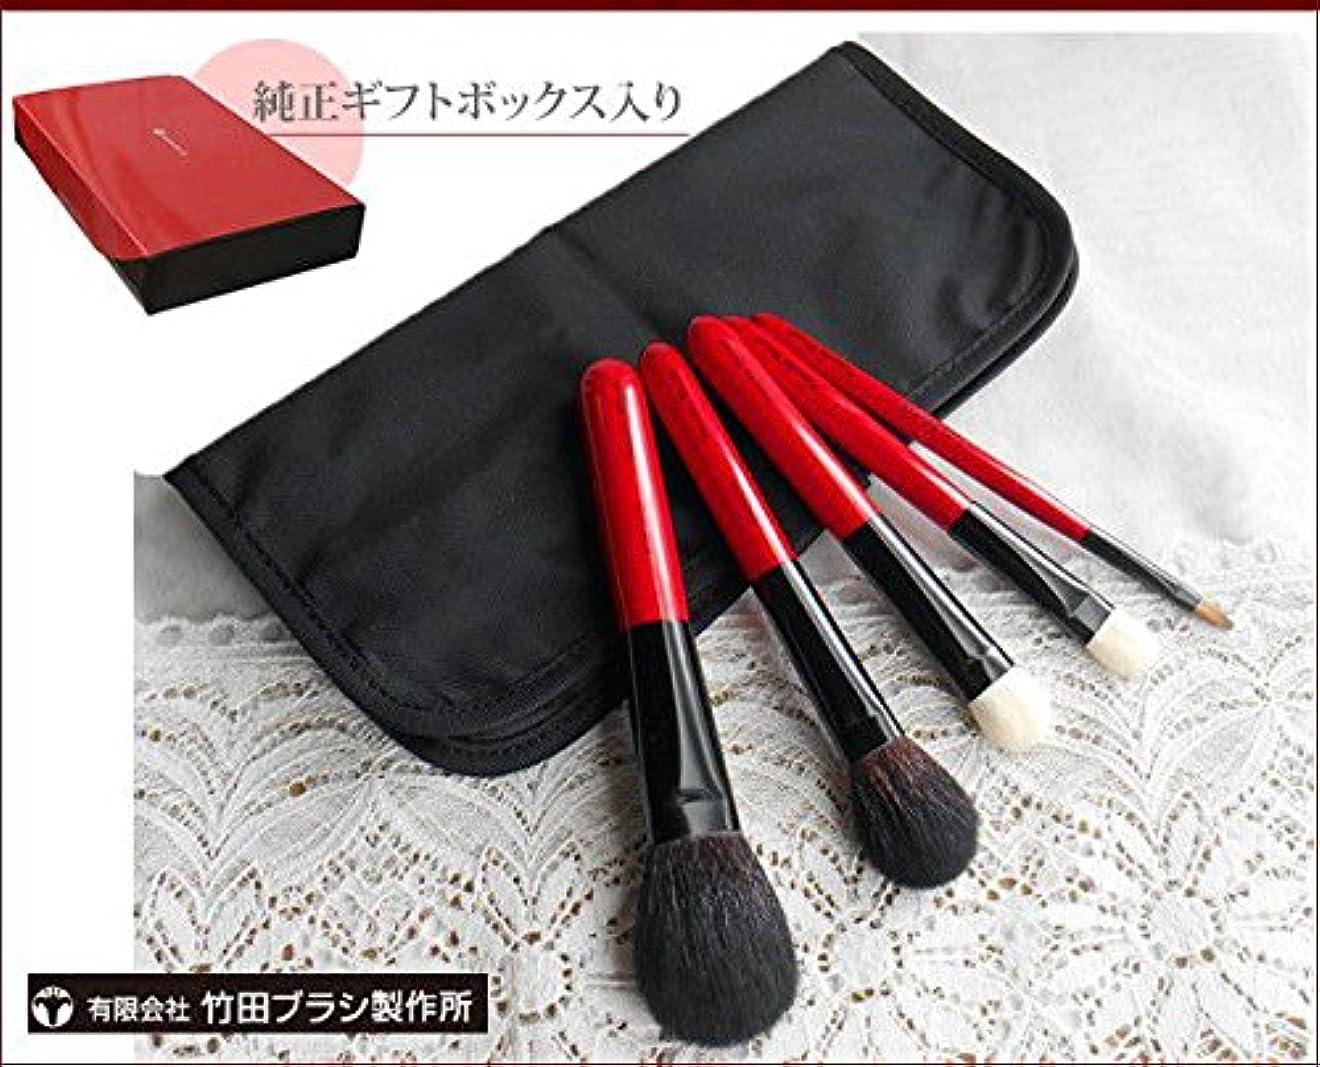 精度経由で社会有限会社竹田ブラシ製作所の熊野化粧筆 特別5本セット